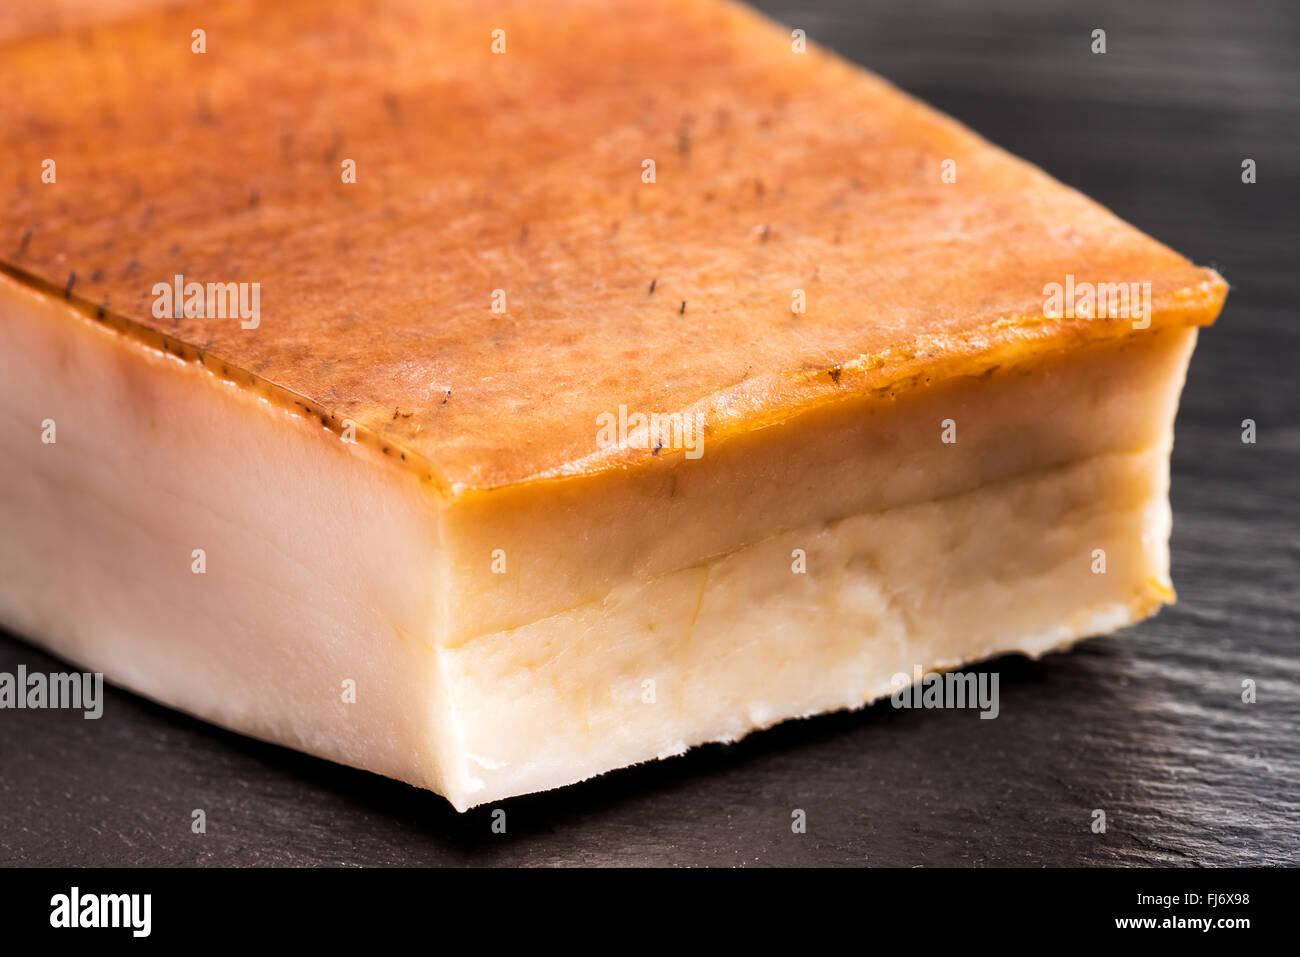 Fetten Speck auf einem schwarzen Hintergrund, Bill, Schwein Bauch, Rinde, geräuchert, Haut, Kalorien, Ernährung, Stockbild